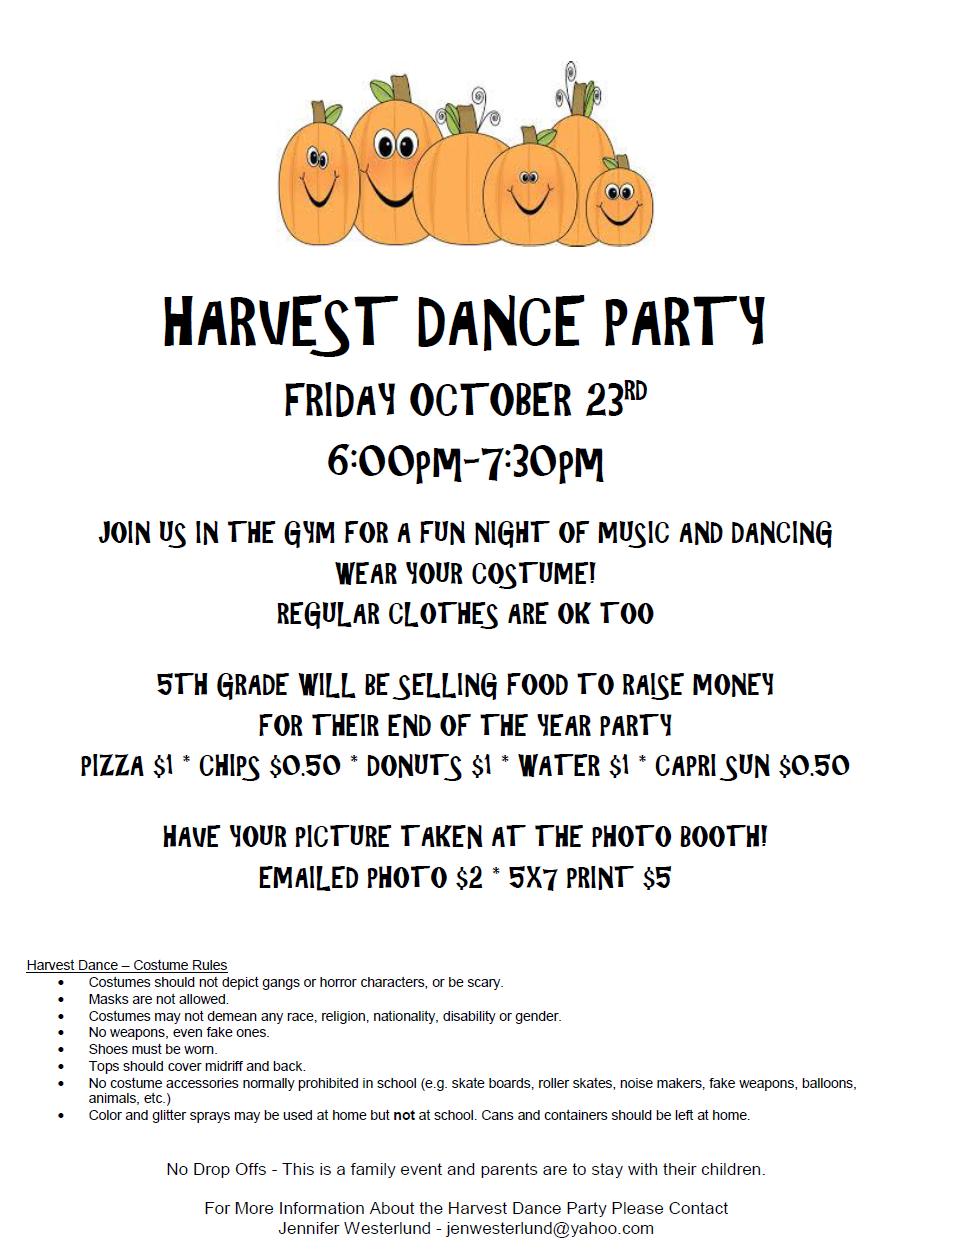 HARVEST DANCE PARTY WEB FLYER 2015 (1)